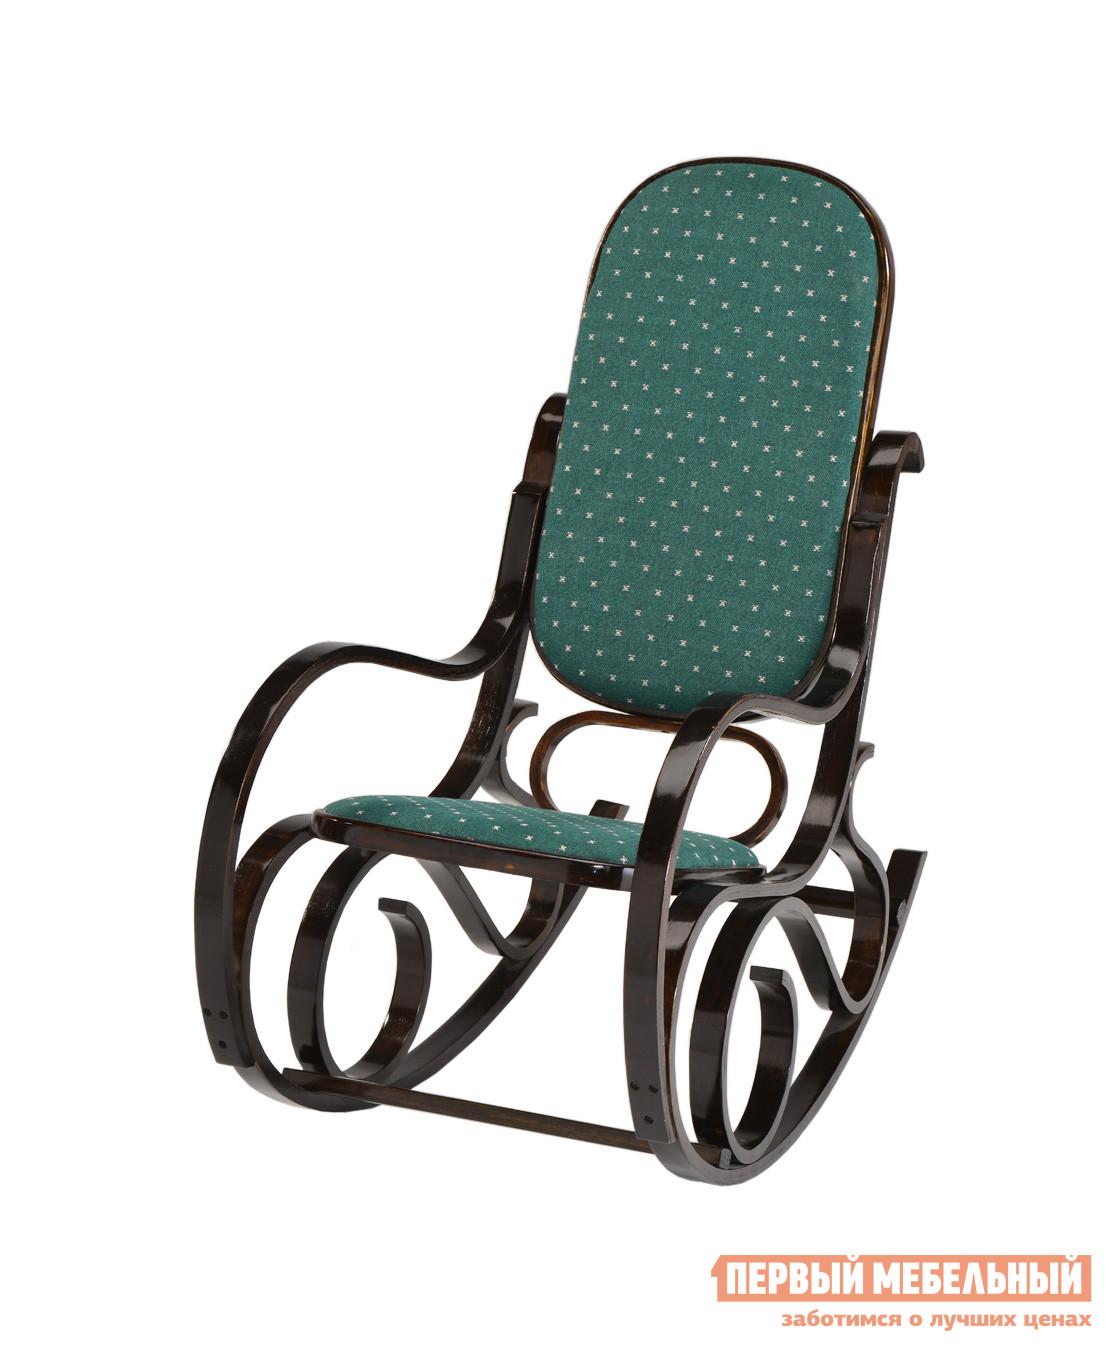 Кресло-качалка Tetchair RC-8001 Орех / Ткань Роял Грин (зеленая)